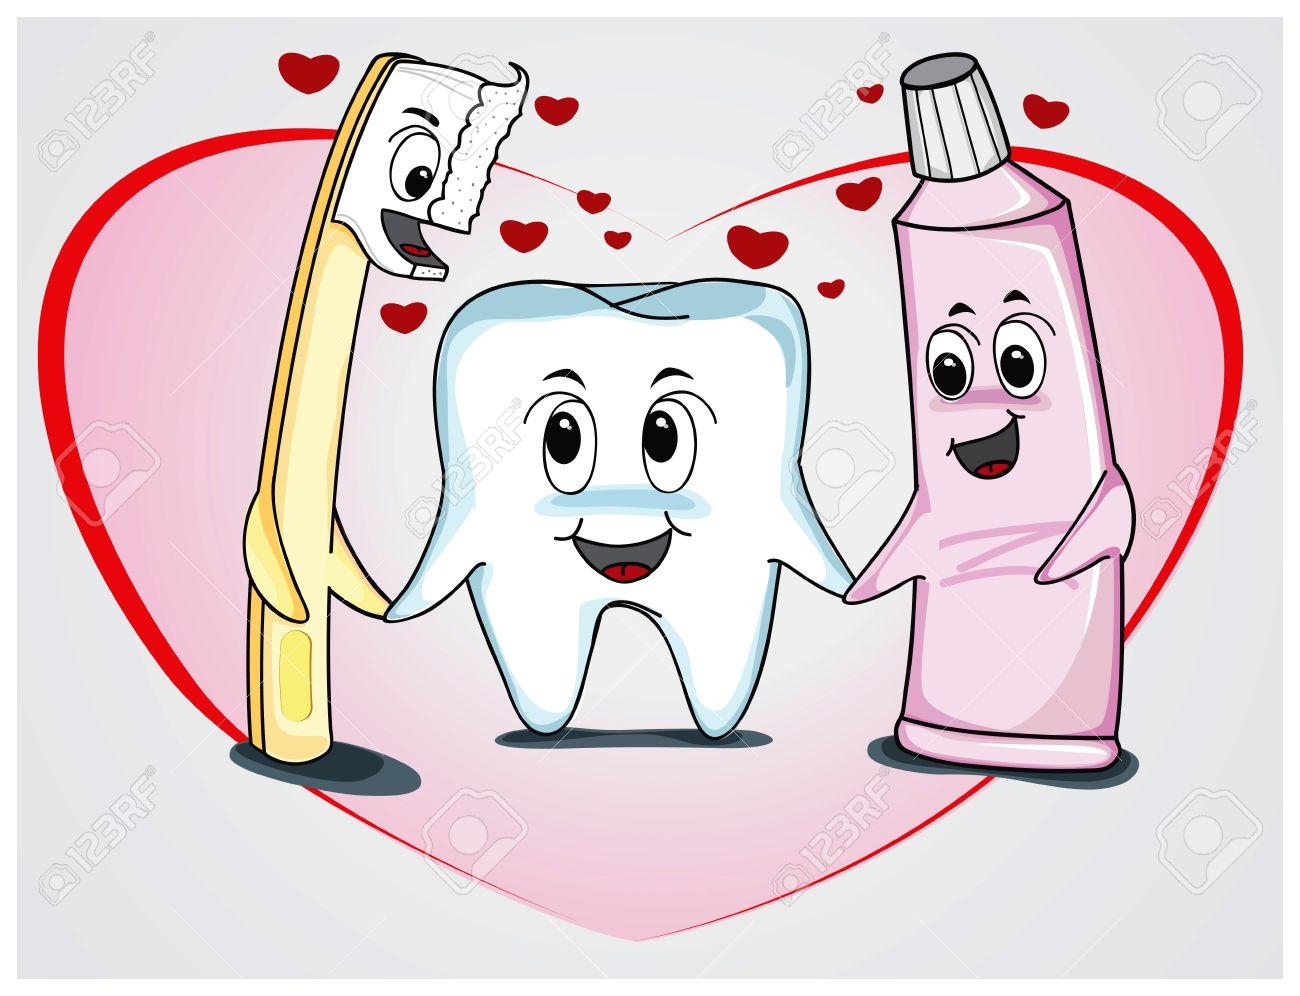 Family Teeth Cartoon Royalty Free Cliparts, Vectors, And Stock ...